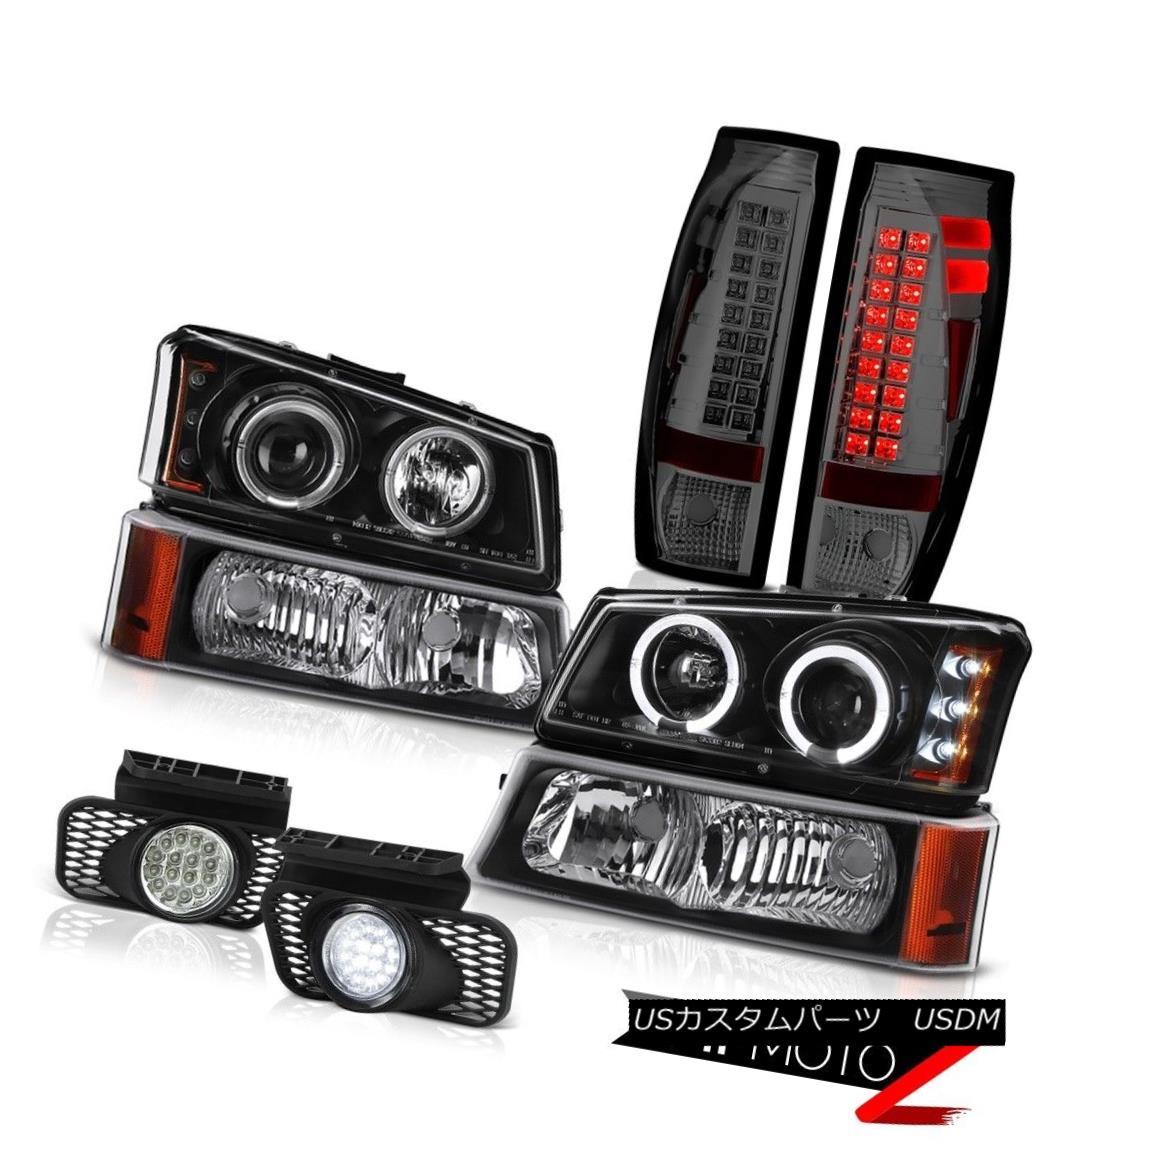 テールライト 03-06 Avalanche Chrome Foglights Smoked Rear Brake Lights Bumper Lamp Headlights 03-06アバランシェクロムフォグライトスモークリアブレーキライトバンパーランプヘッドライト